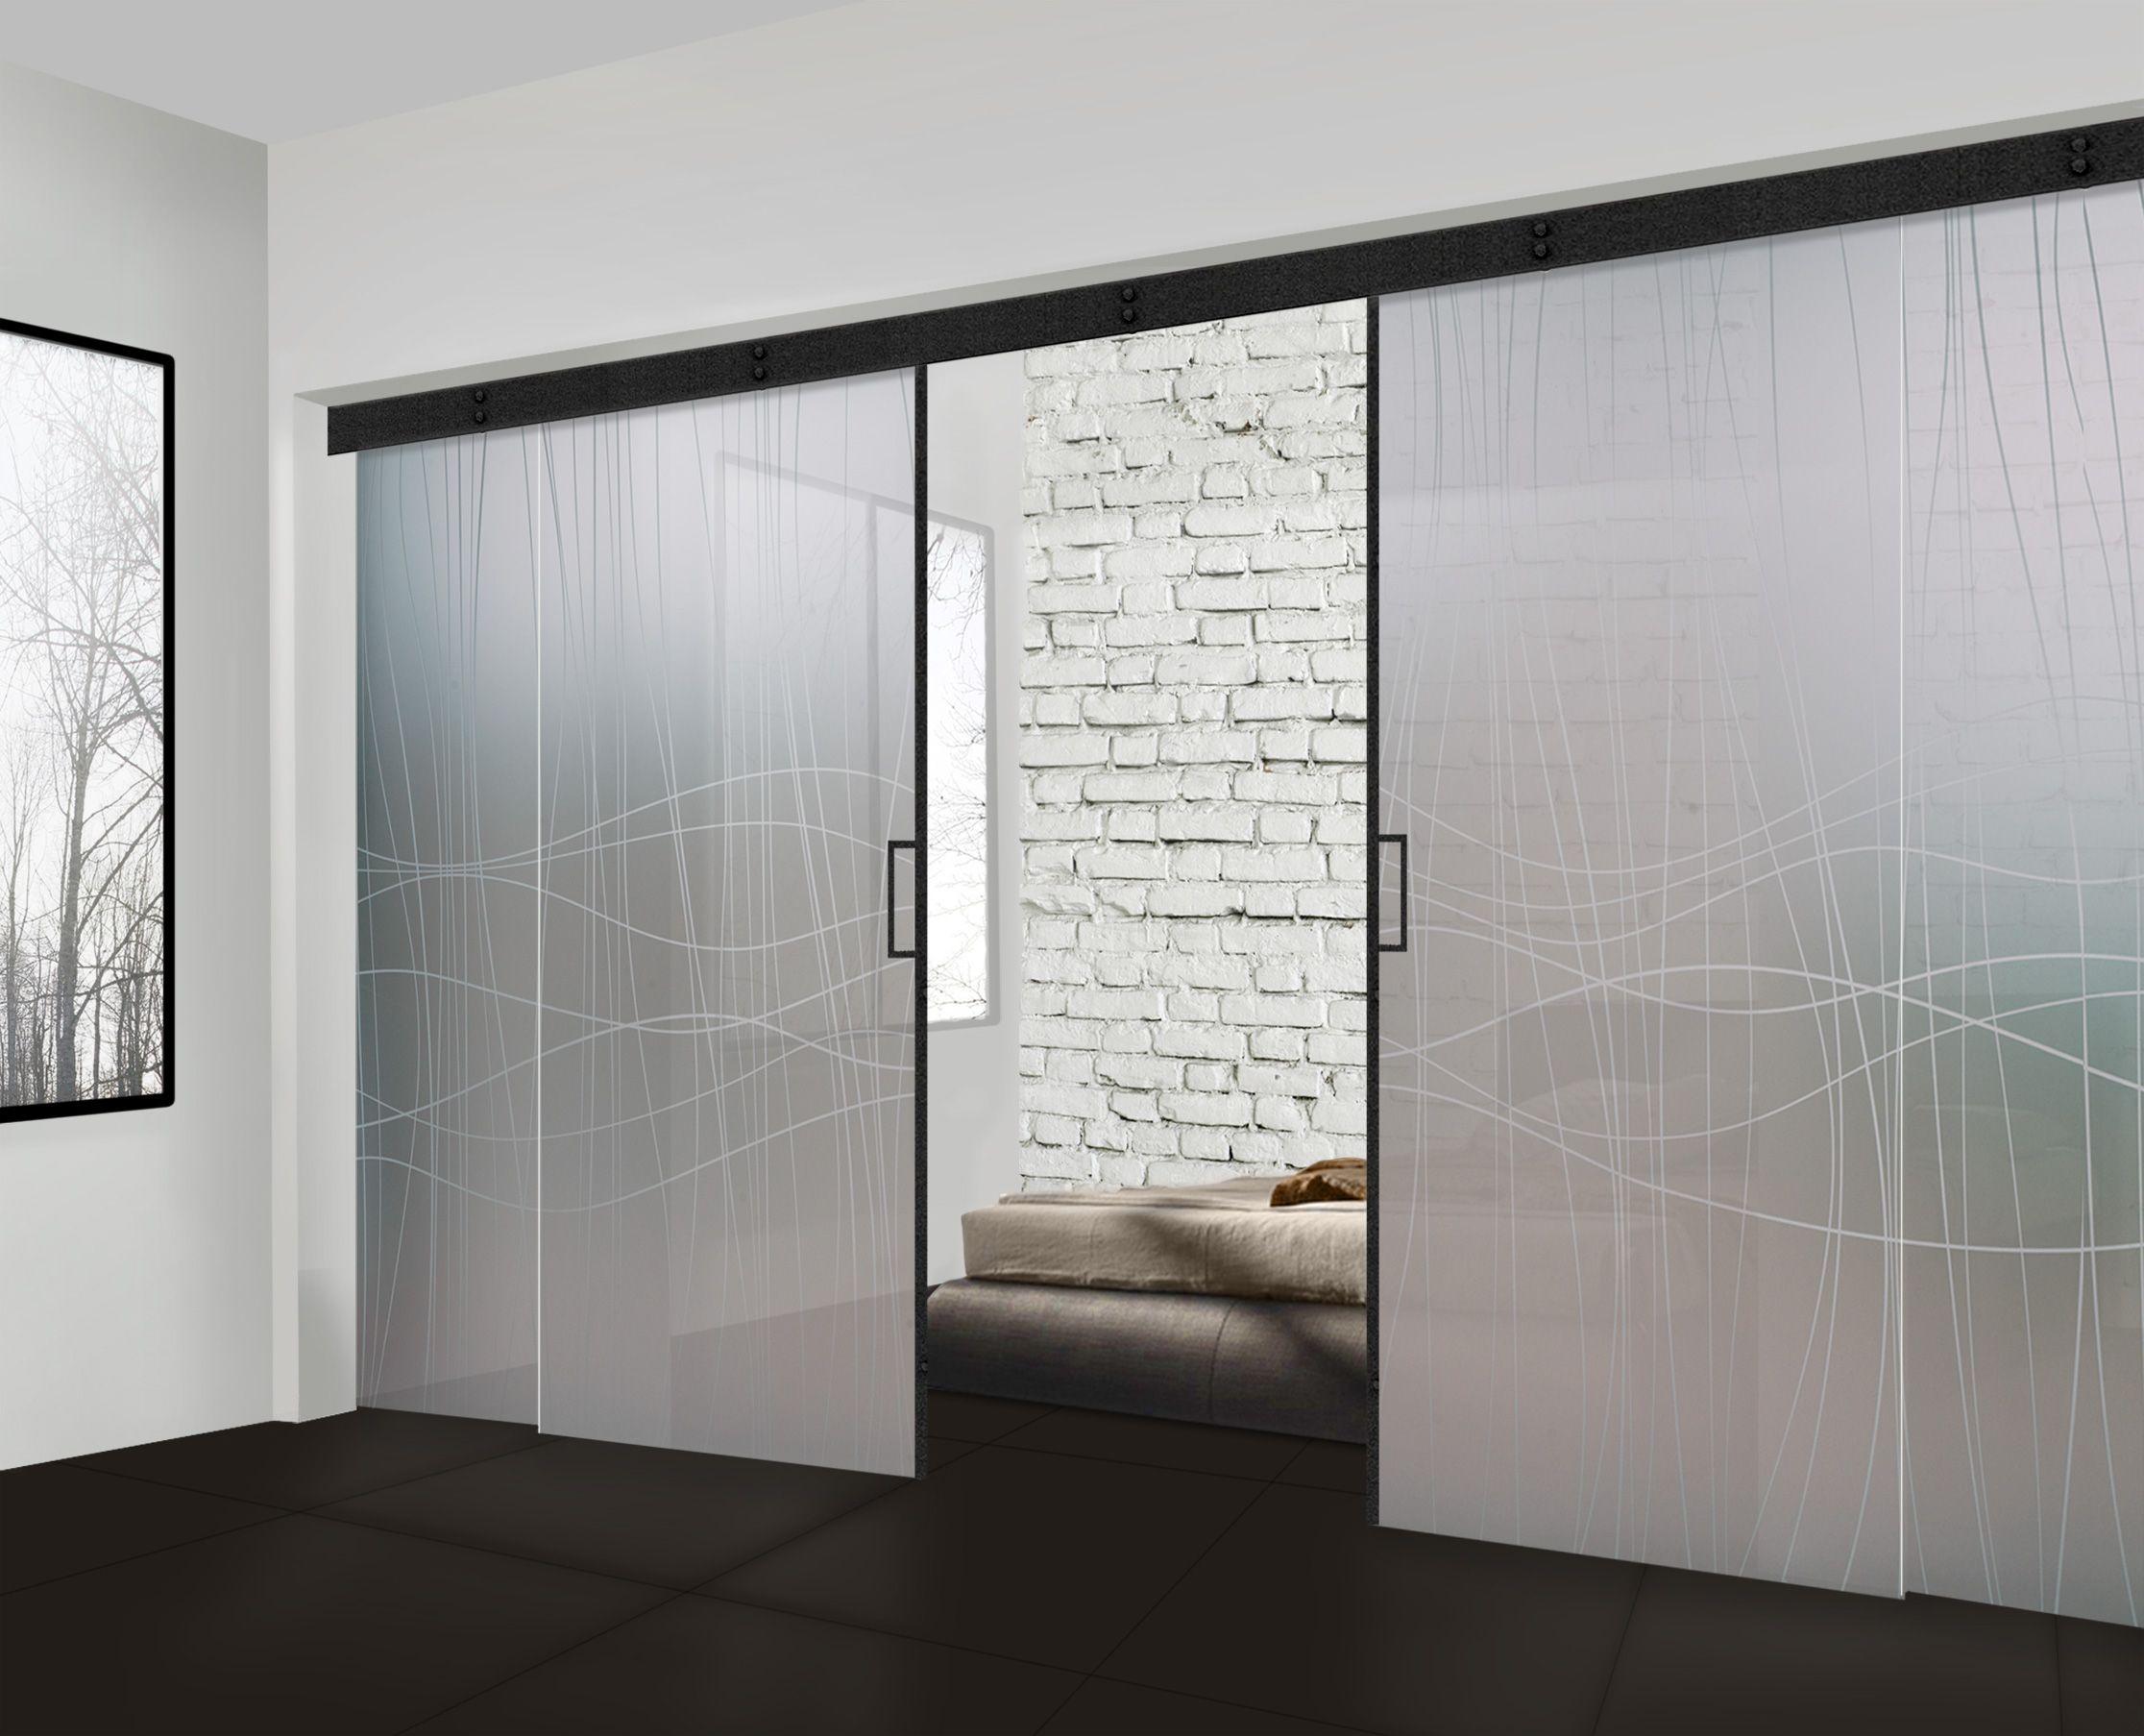 Esencia de vidrieradelcardoner vidrio decorativo - Puerta vidrio corredera ...